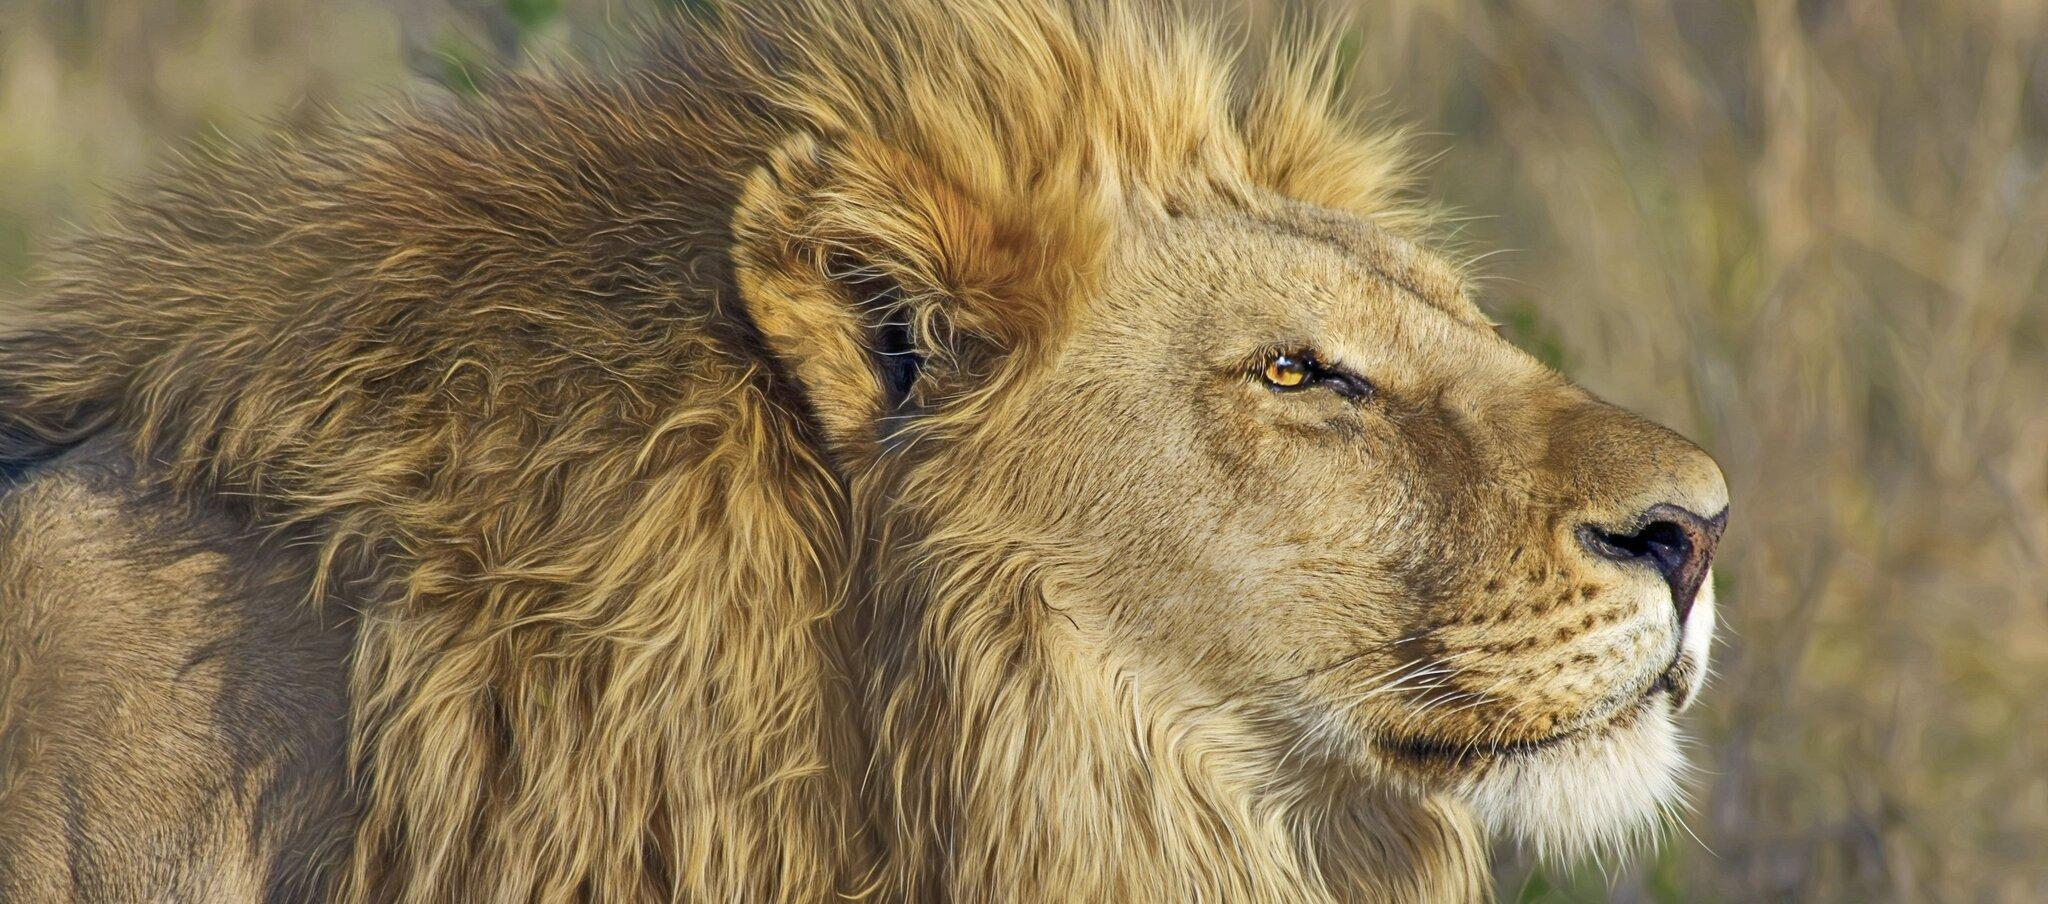 Król zwierząt Król zwierząt Źródło: licencja: CC 0.